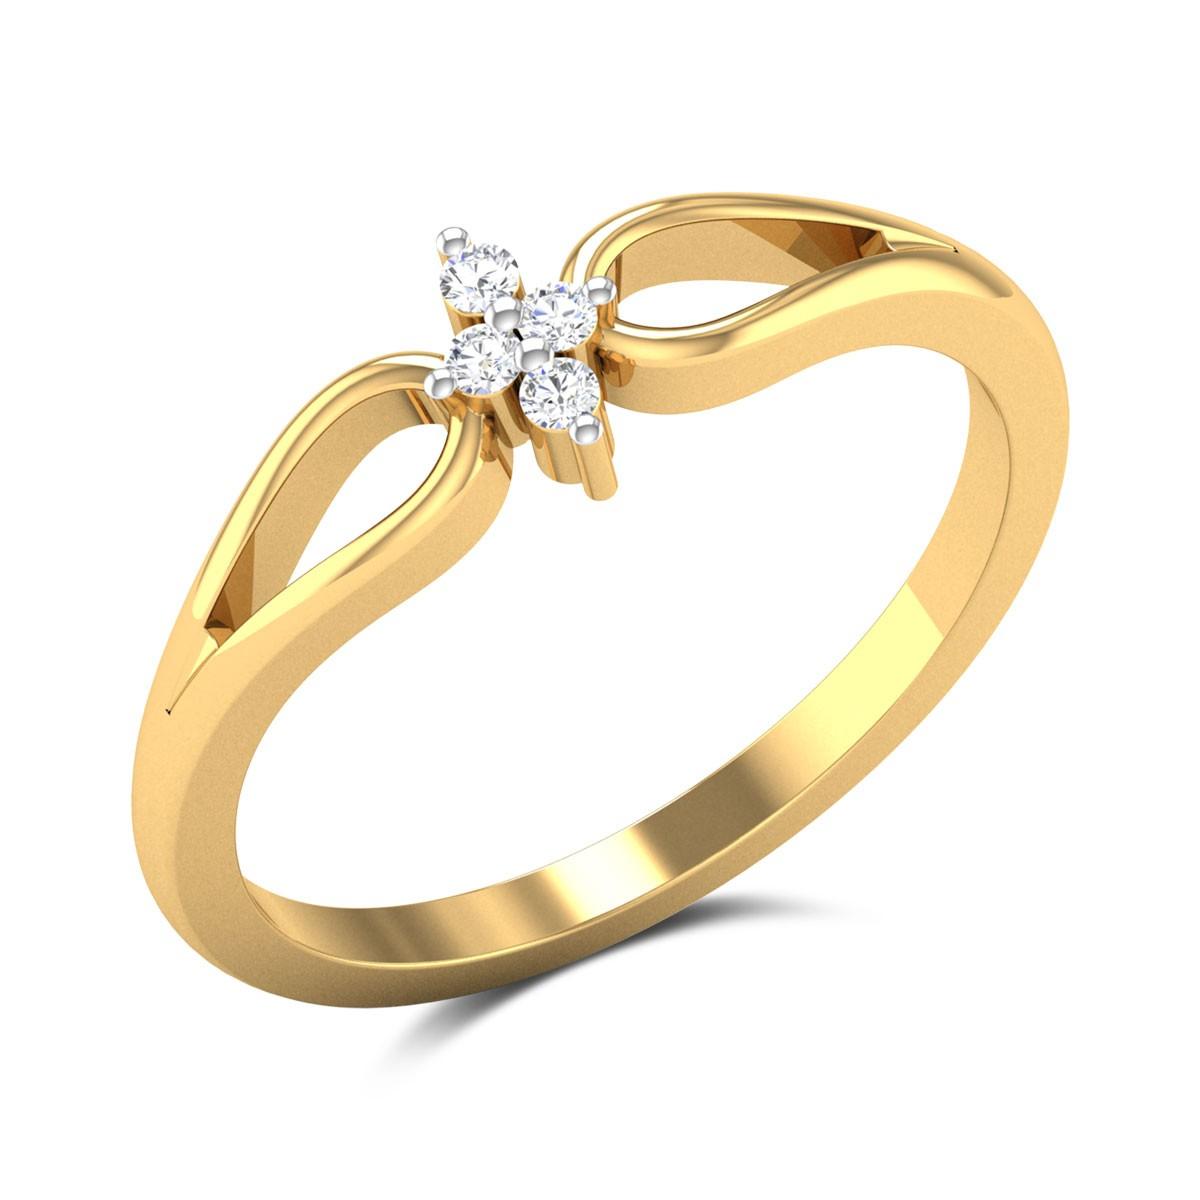 Buy Martha Diamond Promise Ring in 1.5 Gms Gold Online